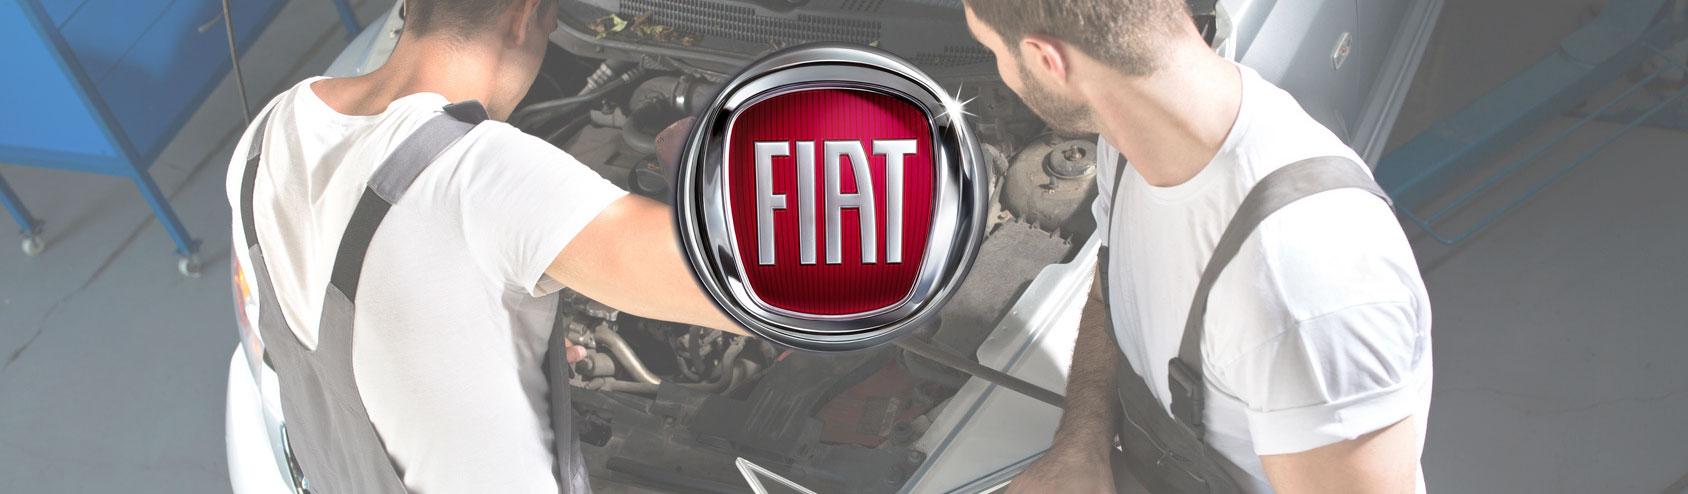 Assistenza FIAT Lucca